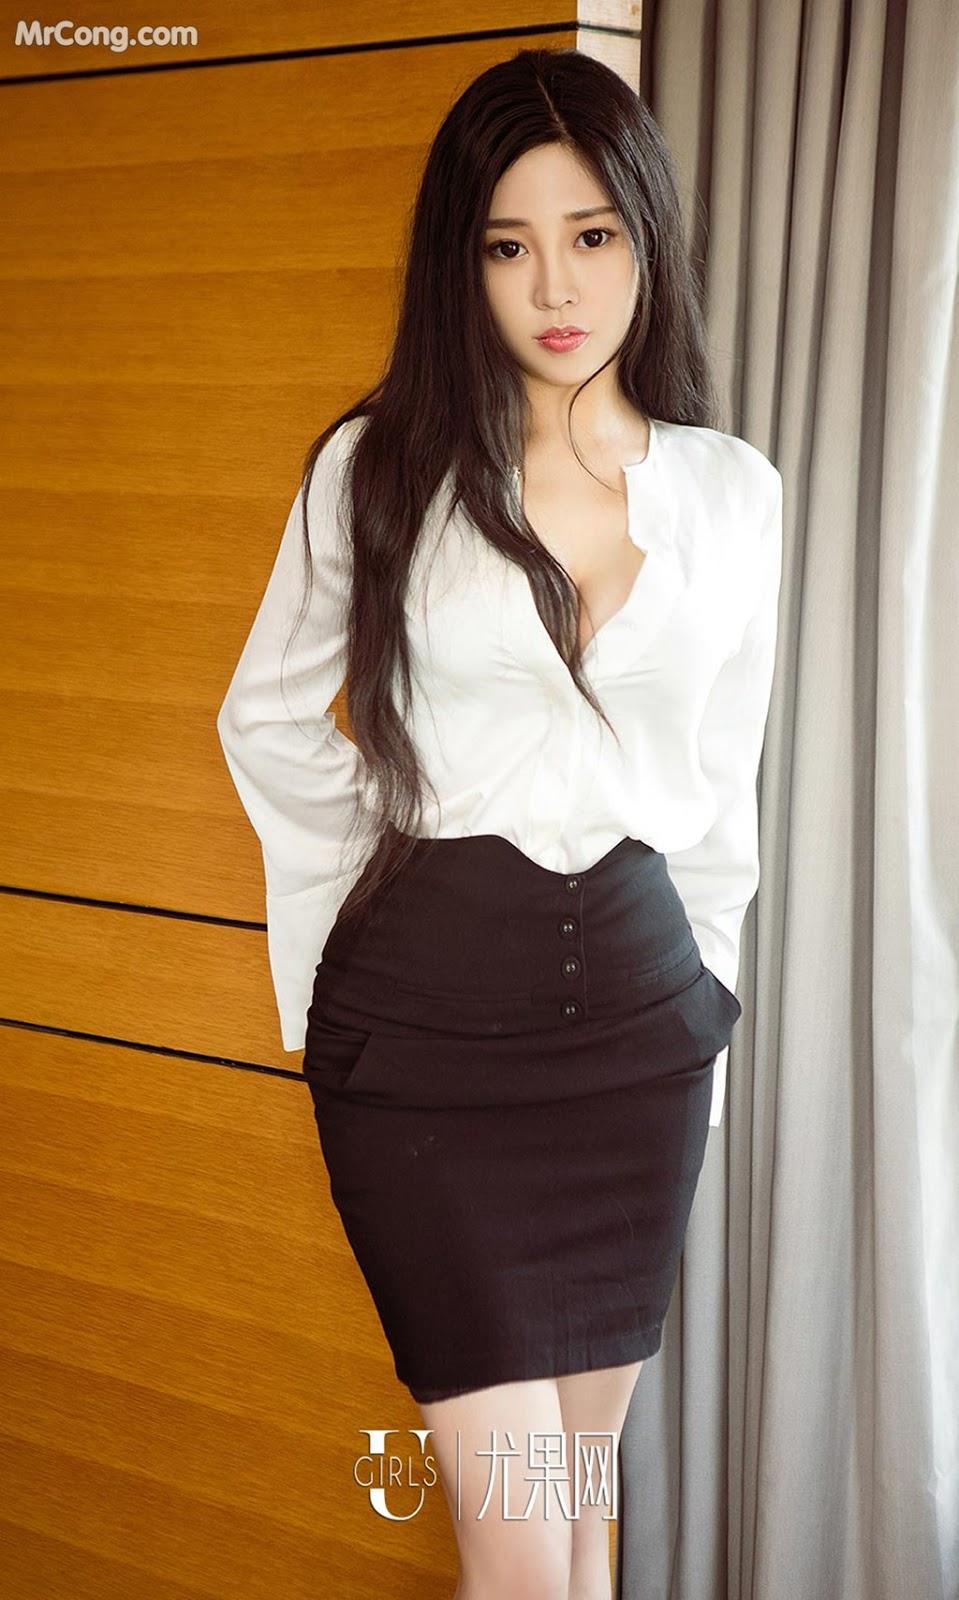 Image UGIRLS-Ai-You-Wu-App-No.1265-Wang-Shi-Shi-MrCong.com-009 in post UGIRLS – Ai You Wu App No.1265: Người mẫu Wang Shi Shi (王诗诗) (35 ảnh)